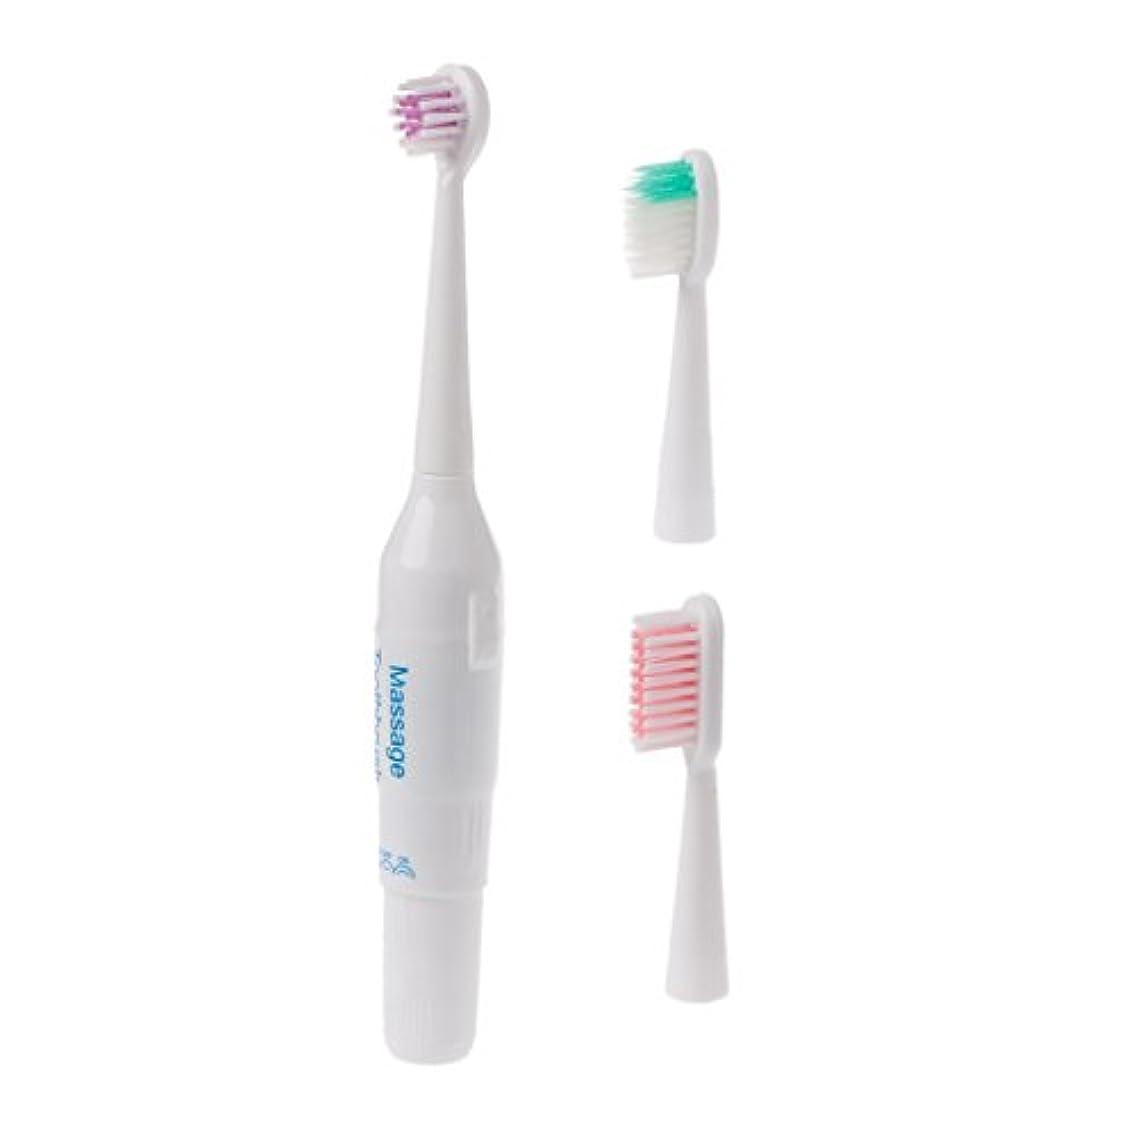 人差し指速記ちょうつがいManyao キッズプロフェッショナル口腔ケアクリーン電気歯ブラシパワーベビー用歯ブラシ